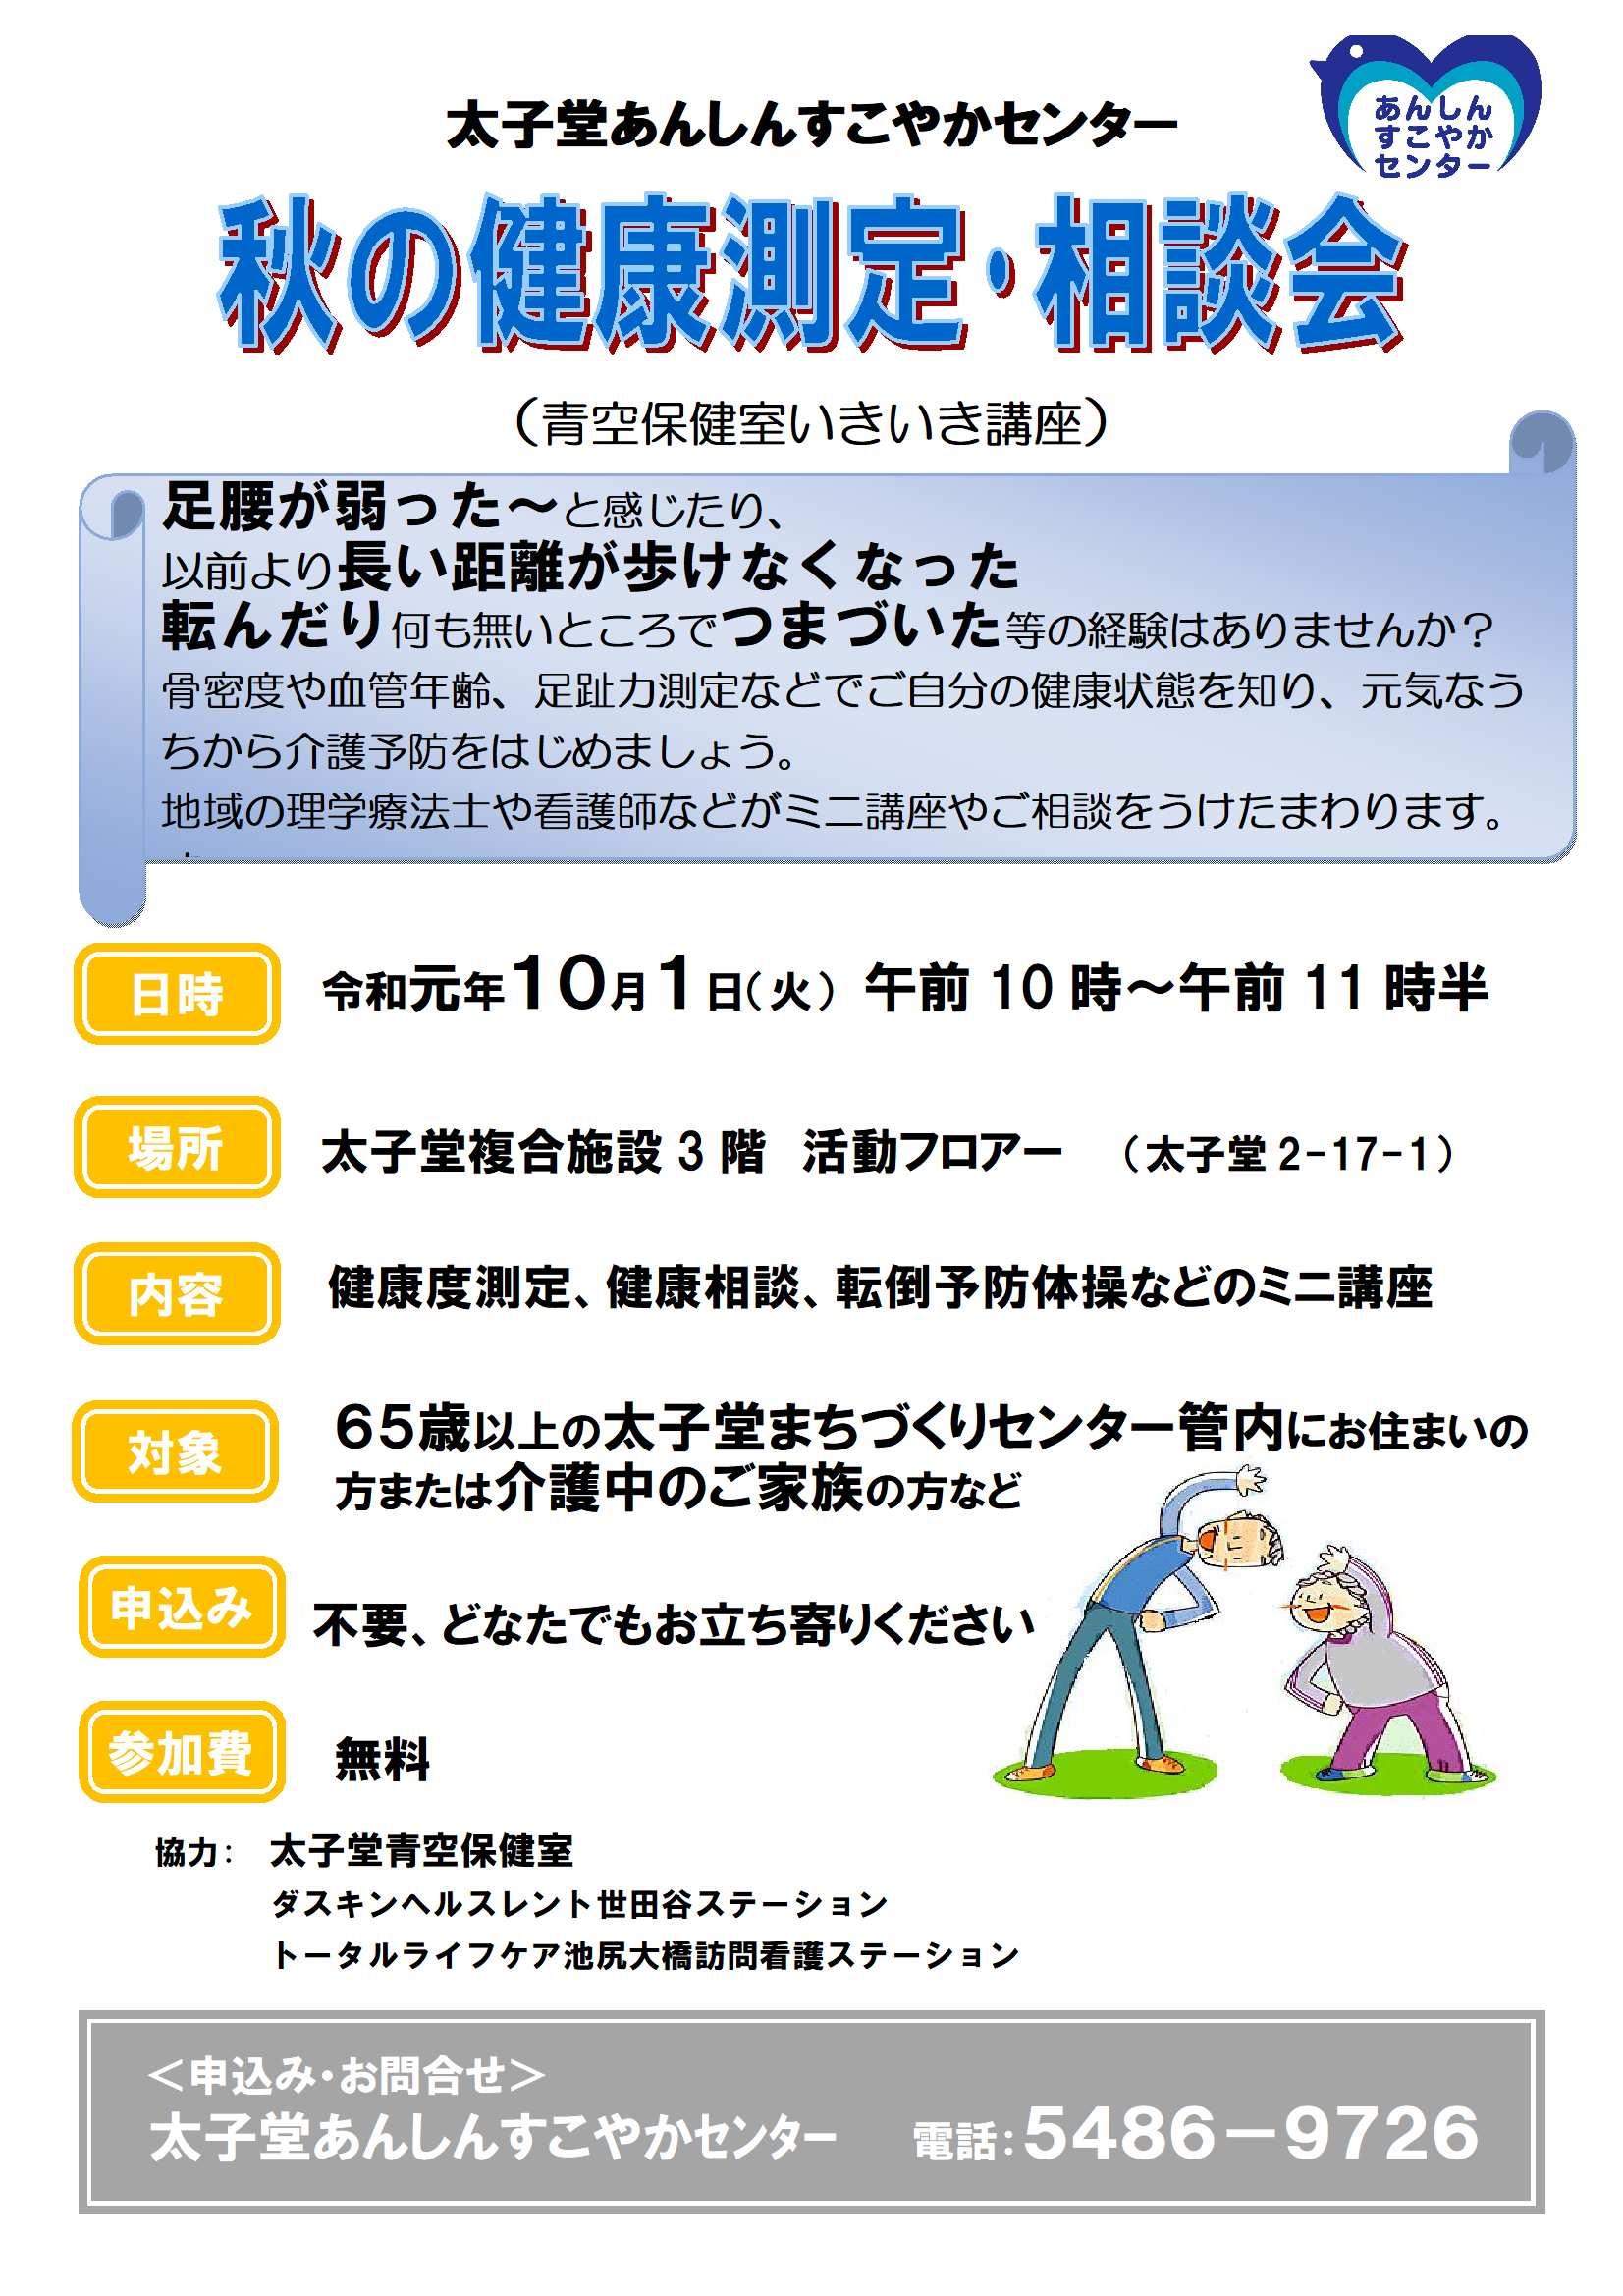 2 R1.10.1いきいき講座jpg.jpg